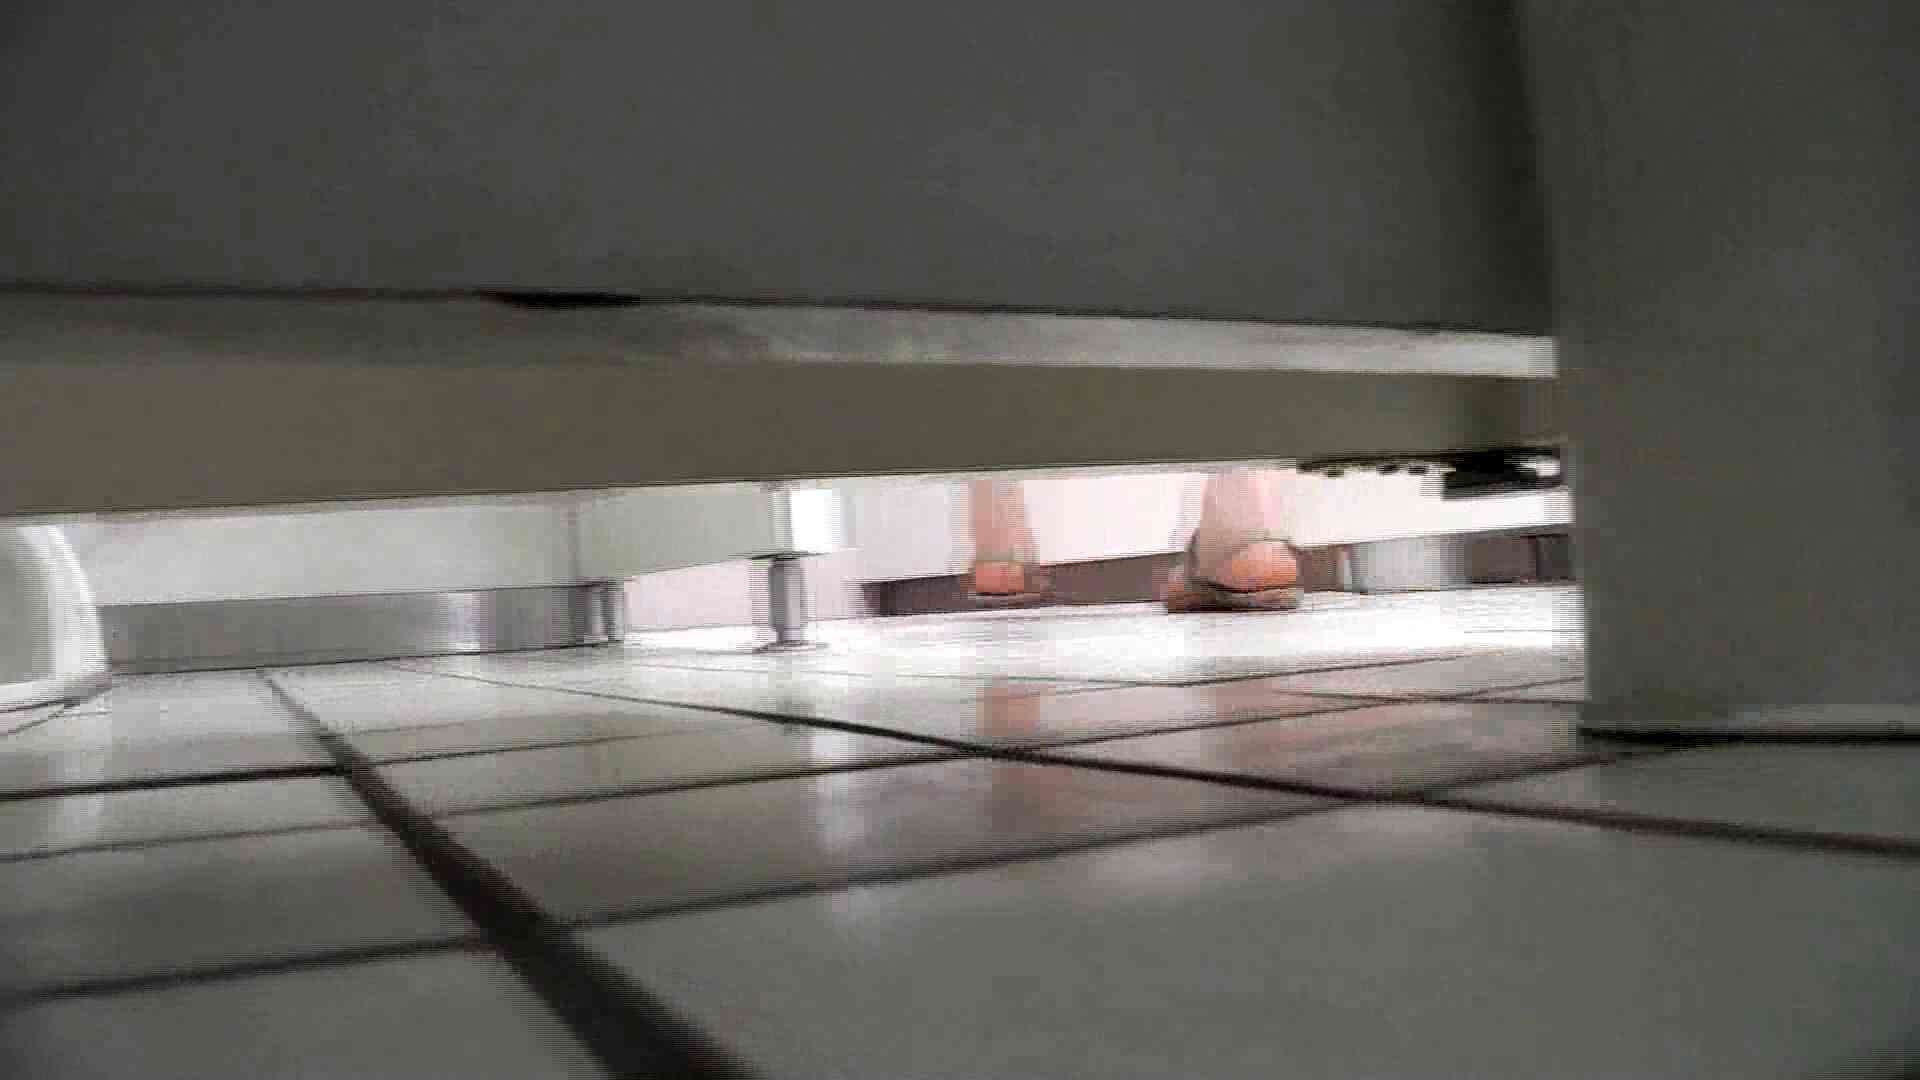 無修正エロ動画 美しい日本の未来 特別版 軌跡2 怪盗ジョーカー